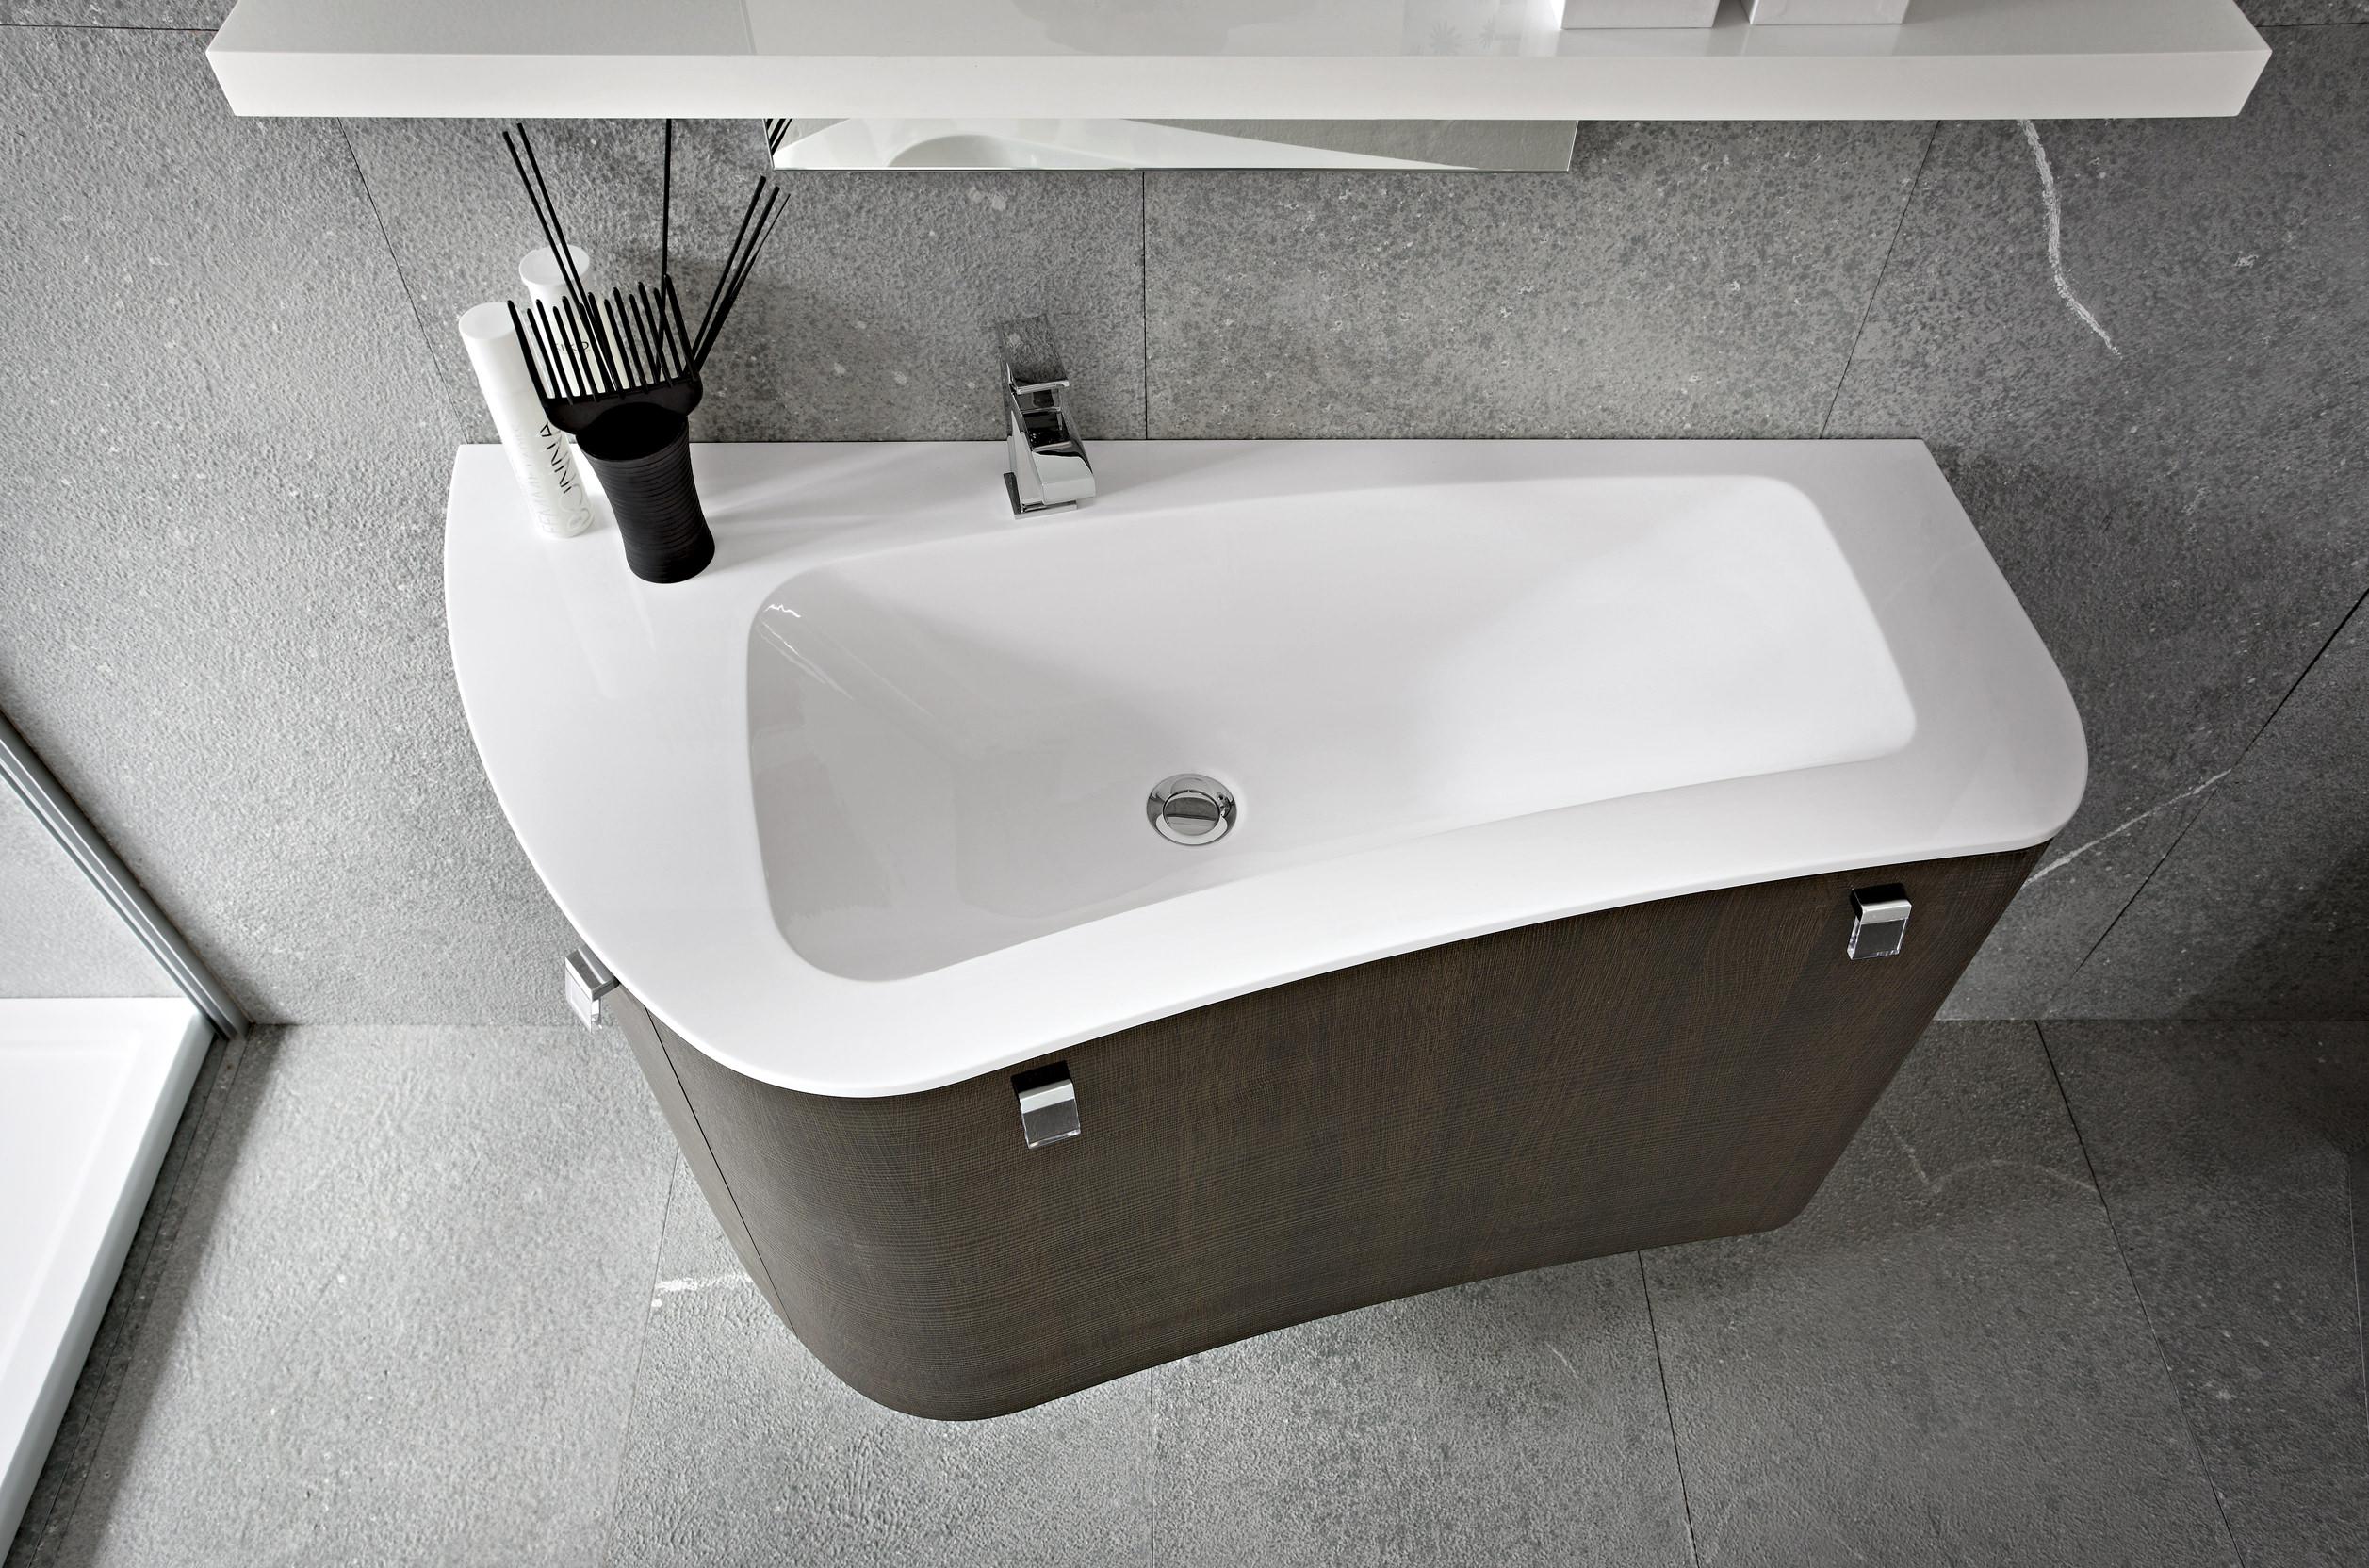 Progetto appartamento vogliacasavogliacasa for Mobiletti piccoli da bagno